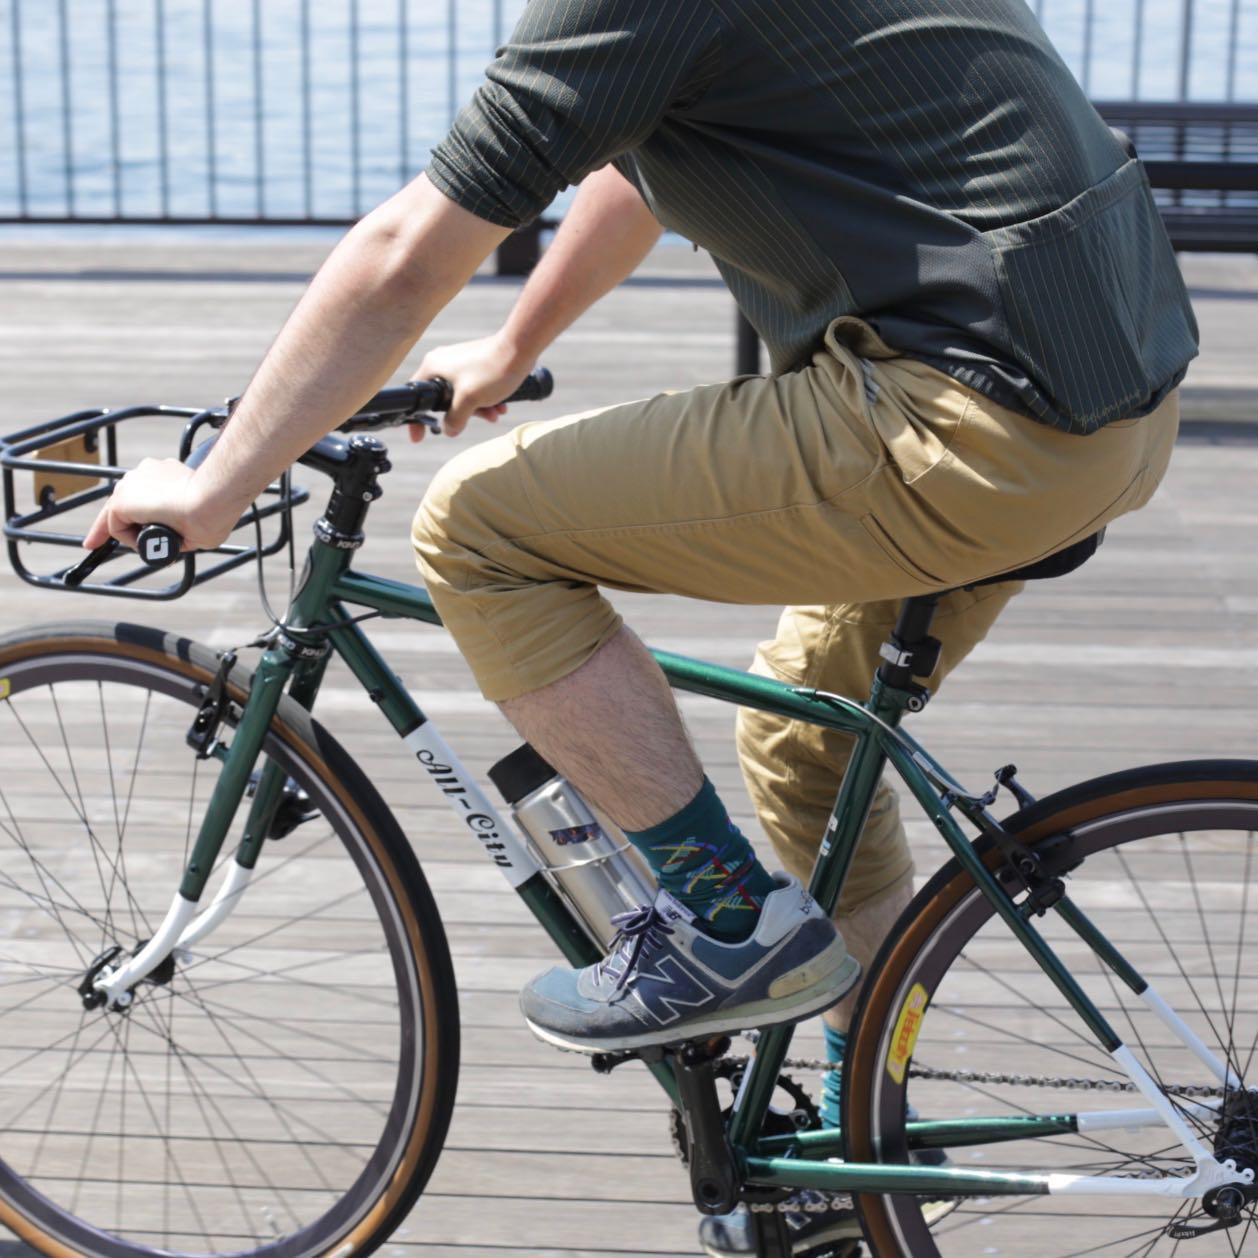 ナリフリ バイクパンツ narifuri NF5000 NF649 短パン サイクリスト 人気 自転車  ファッション メンズ 街乗り コミューター